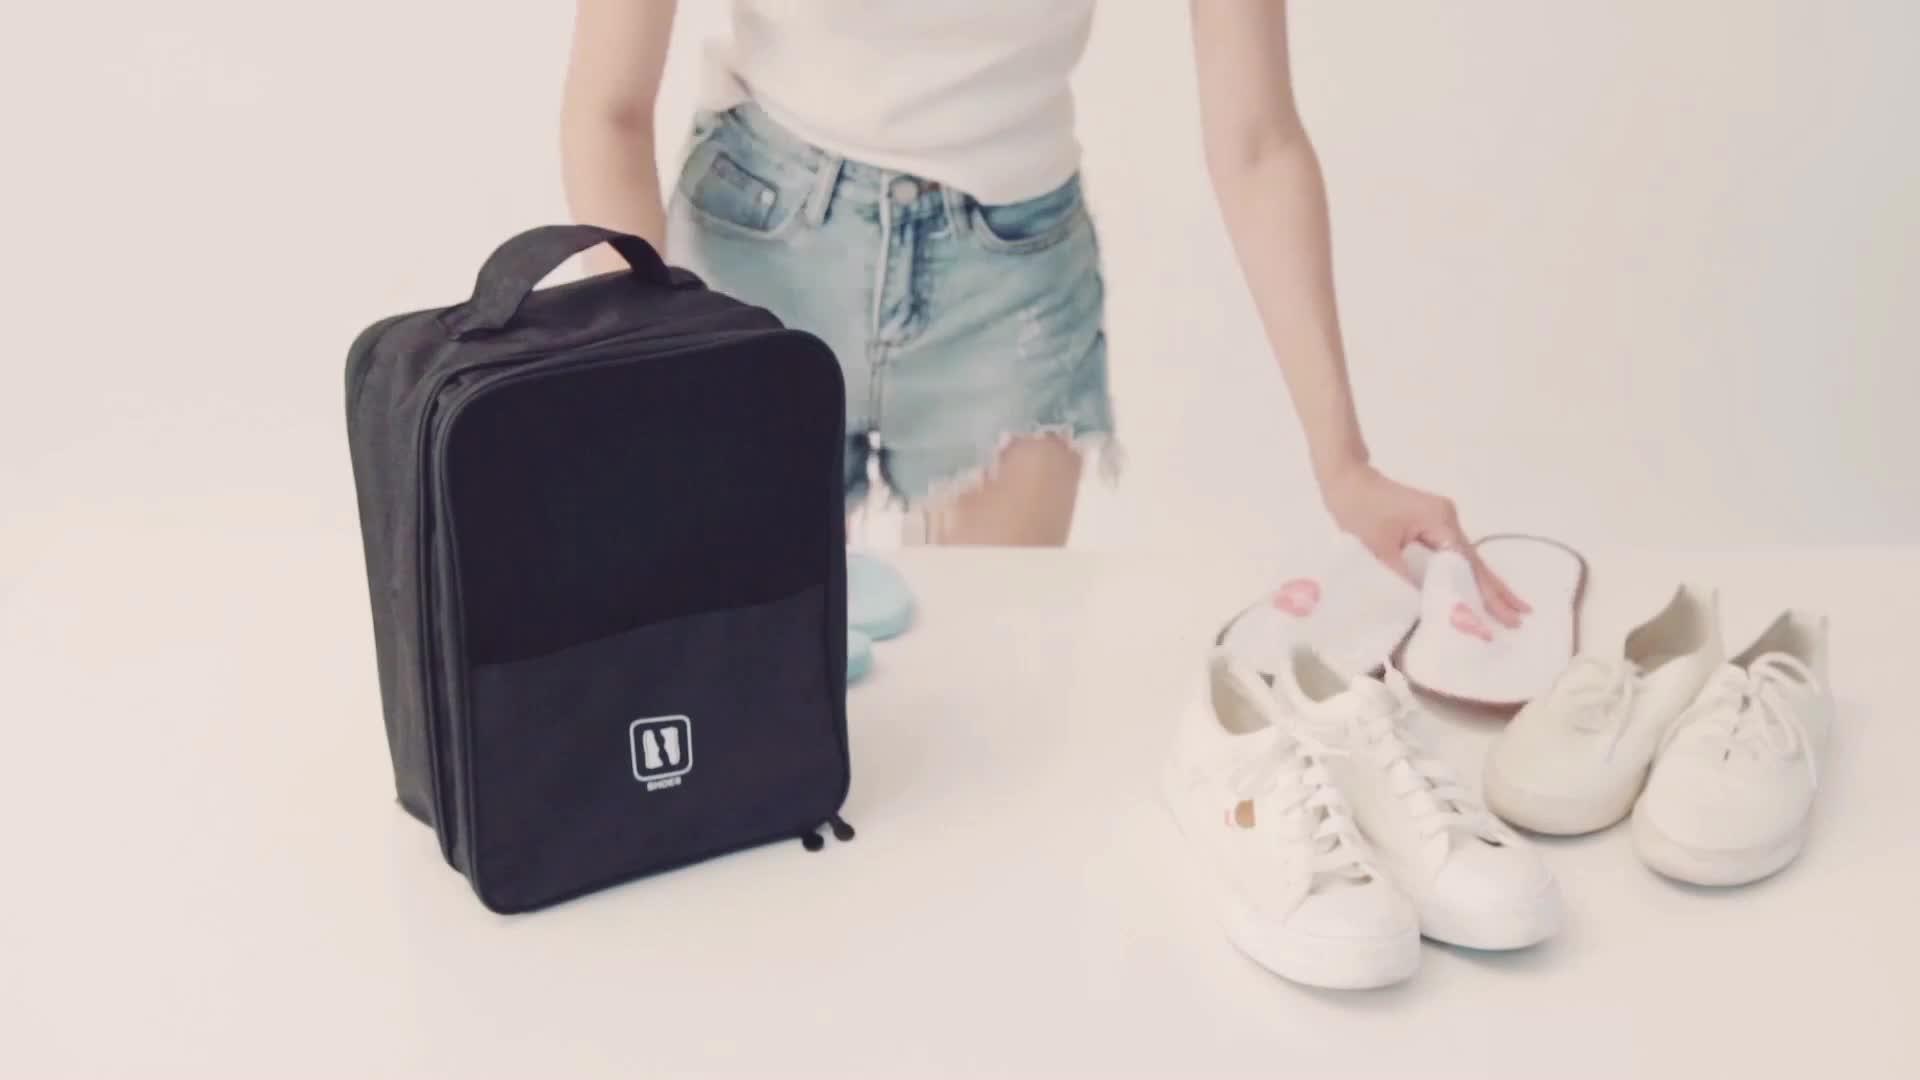 Üretici taşınabilir kılıf seyahat ayakkabı çantası su geçirmez bölme fermuar spor spor futbol ayakkabı taşıma çantası